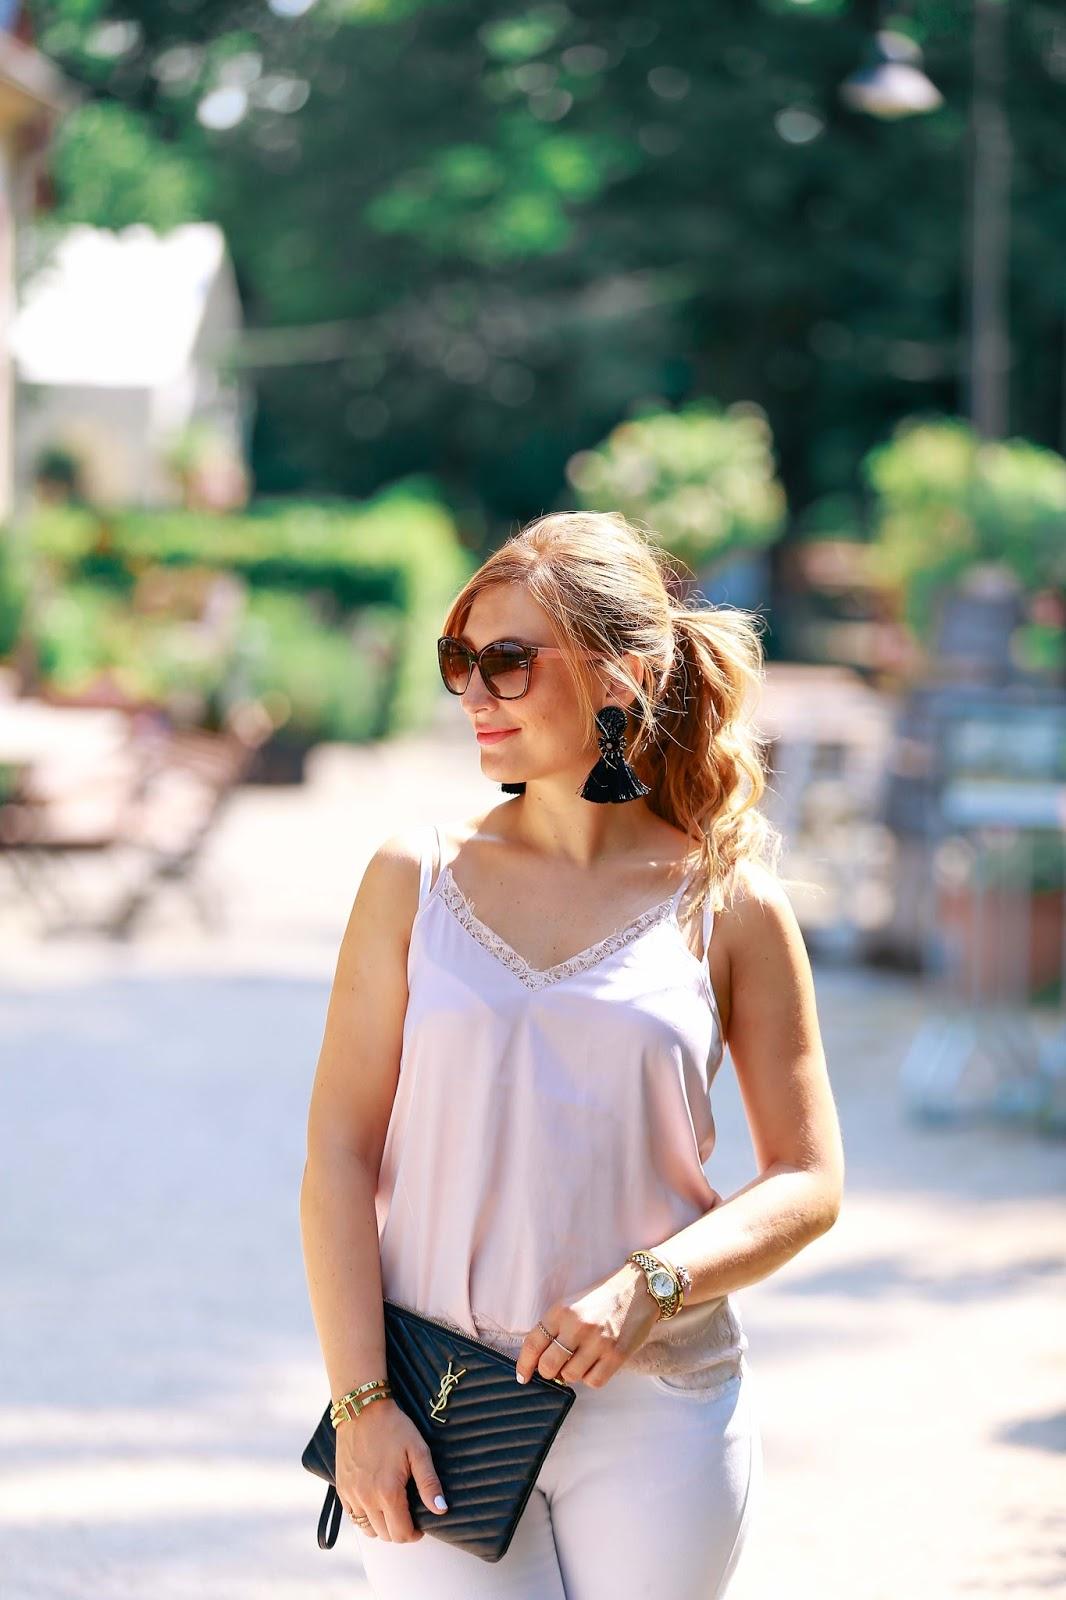 Blogger-style-Fashionblogger-Frankfurt-Main-Modeblog-Alte-Oper-ysl-clutch-schuhe-mit-nieten-weiße-jeans-hängeohrringe-H&M